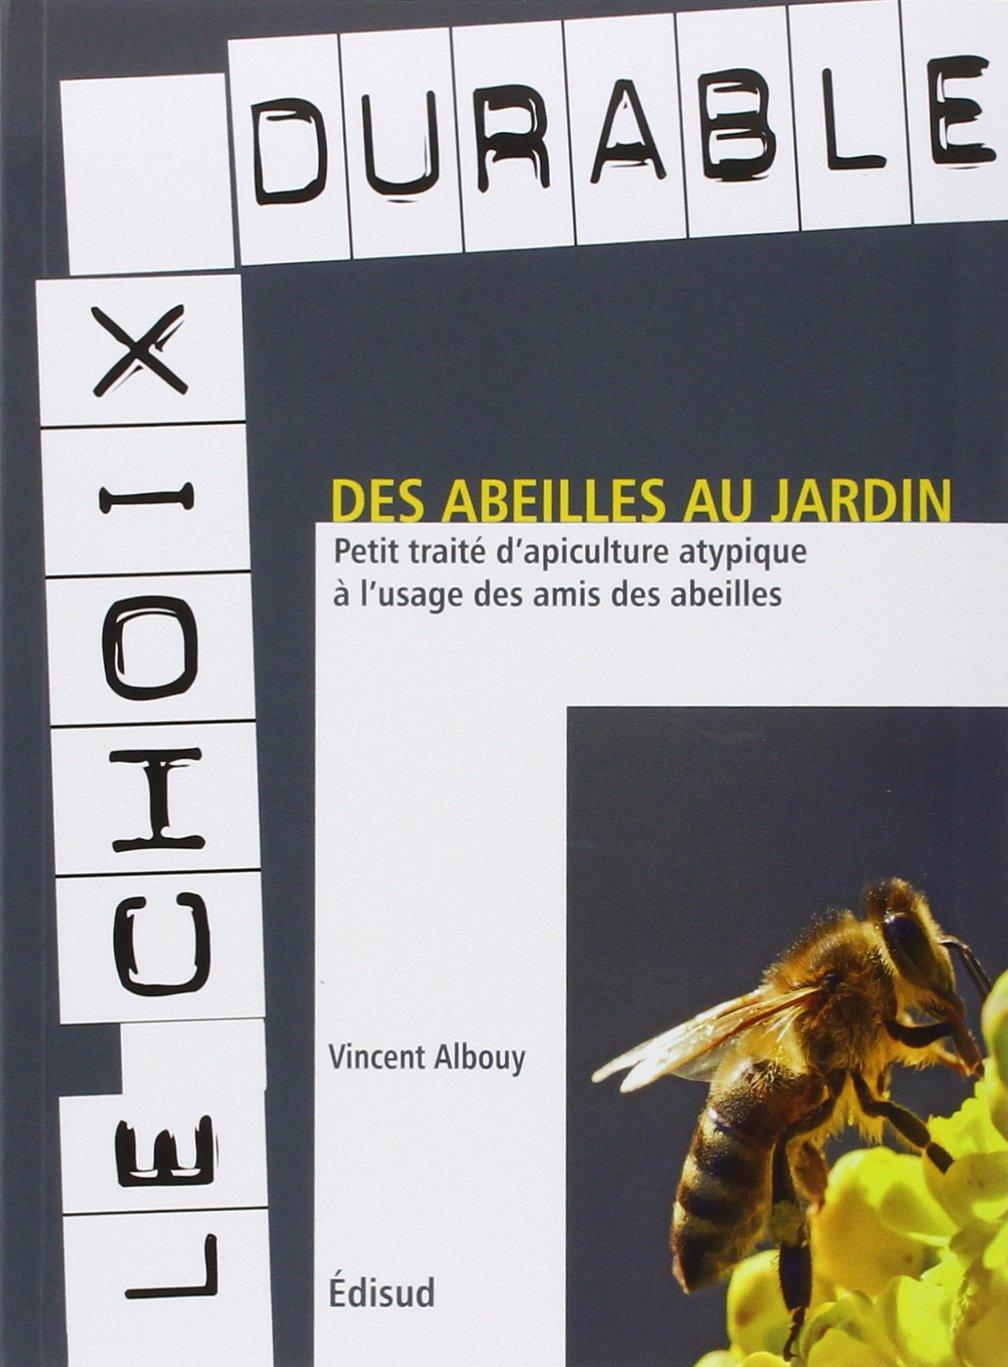 Des abeilles au jardin : Petit traité d'apiculture atypique à l'usage des amis des abeilles Broché – 20 janvier 2012 Vincent Albouy Edisud 2744909440 Animaux